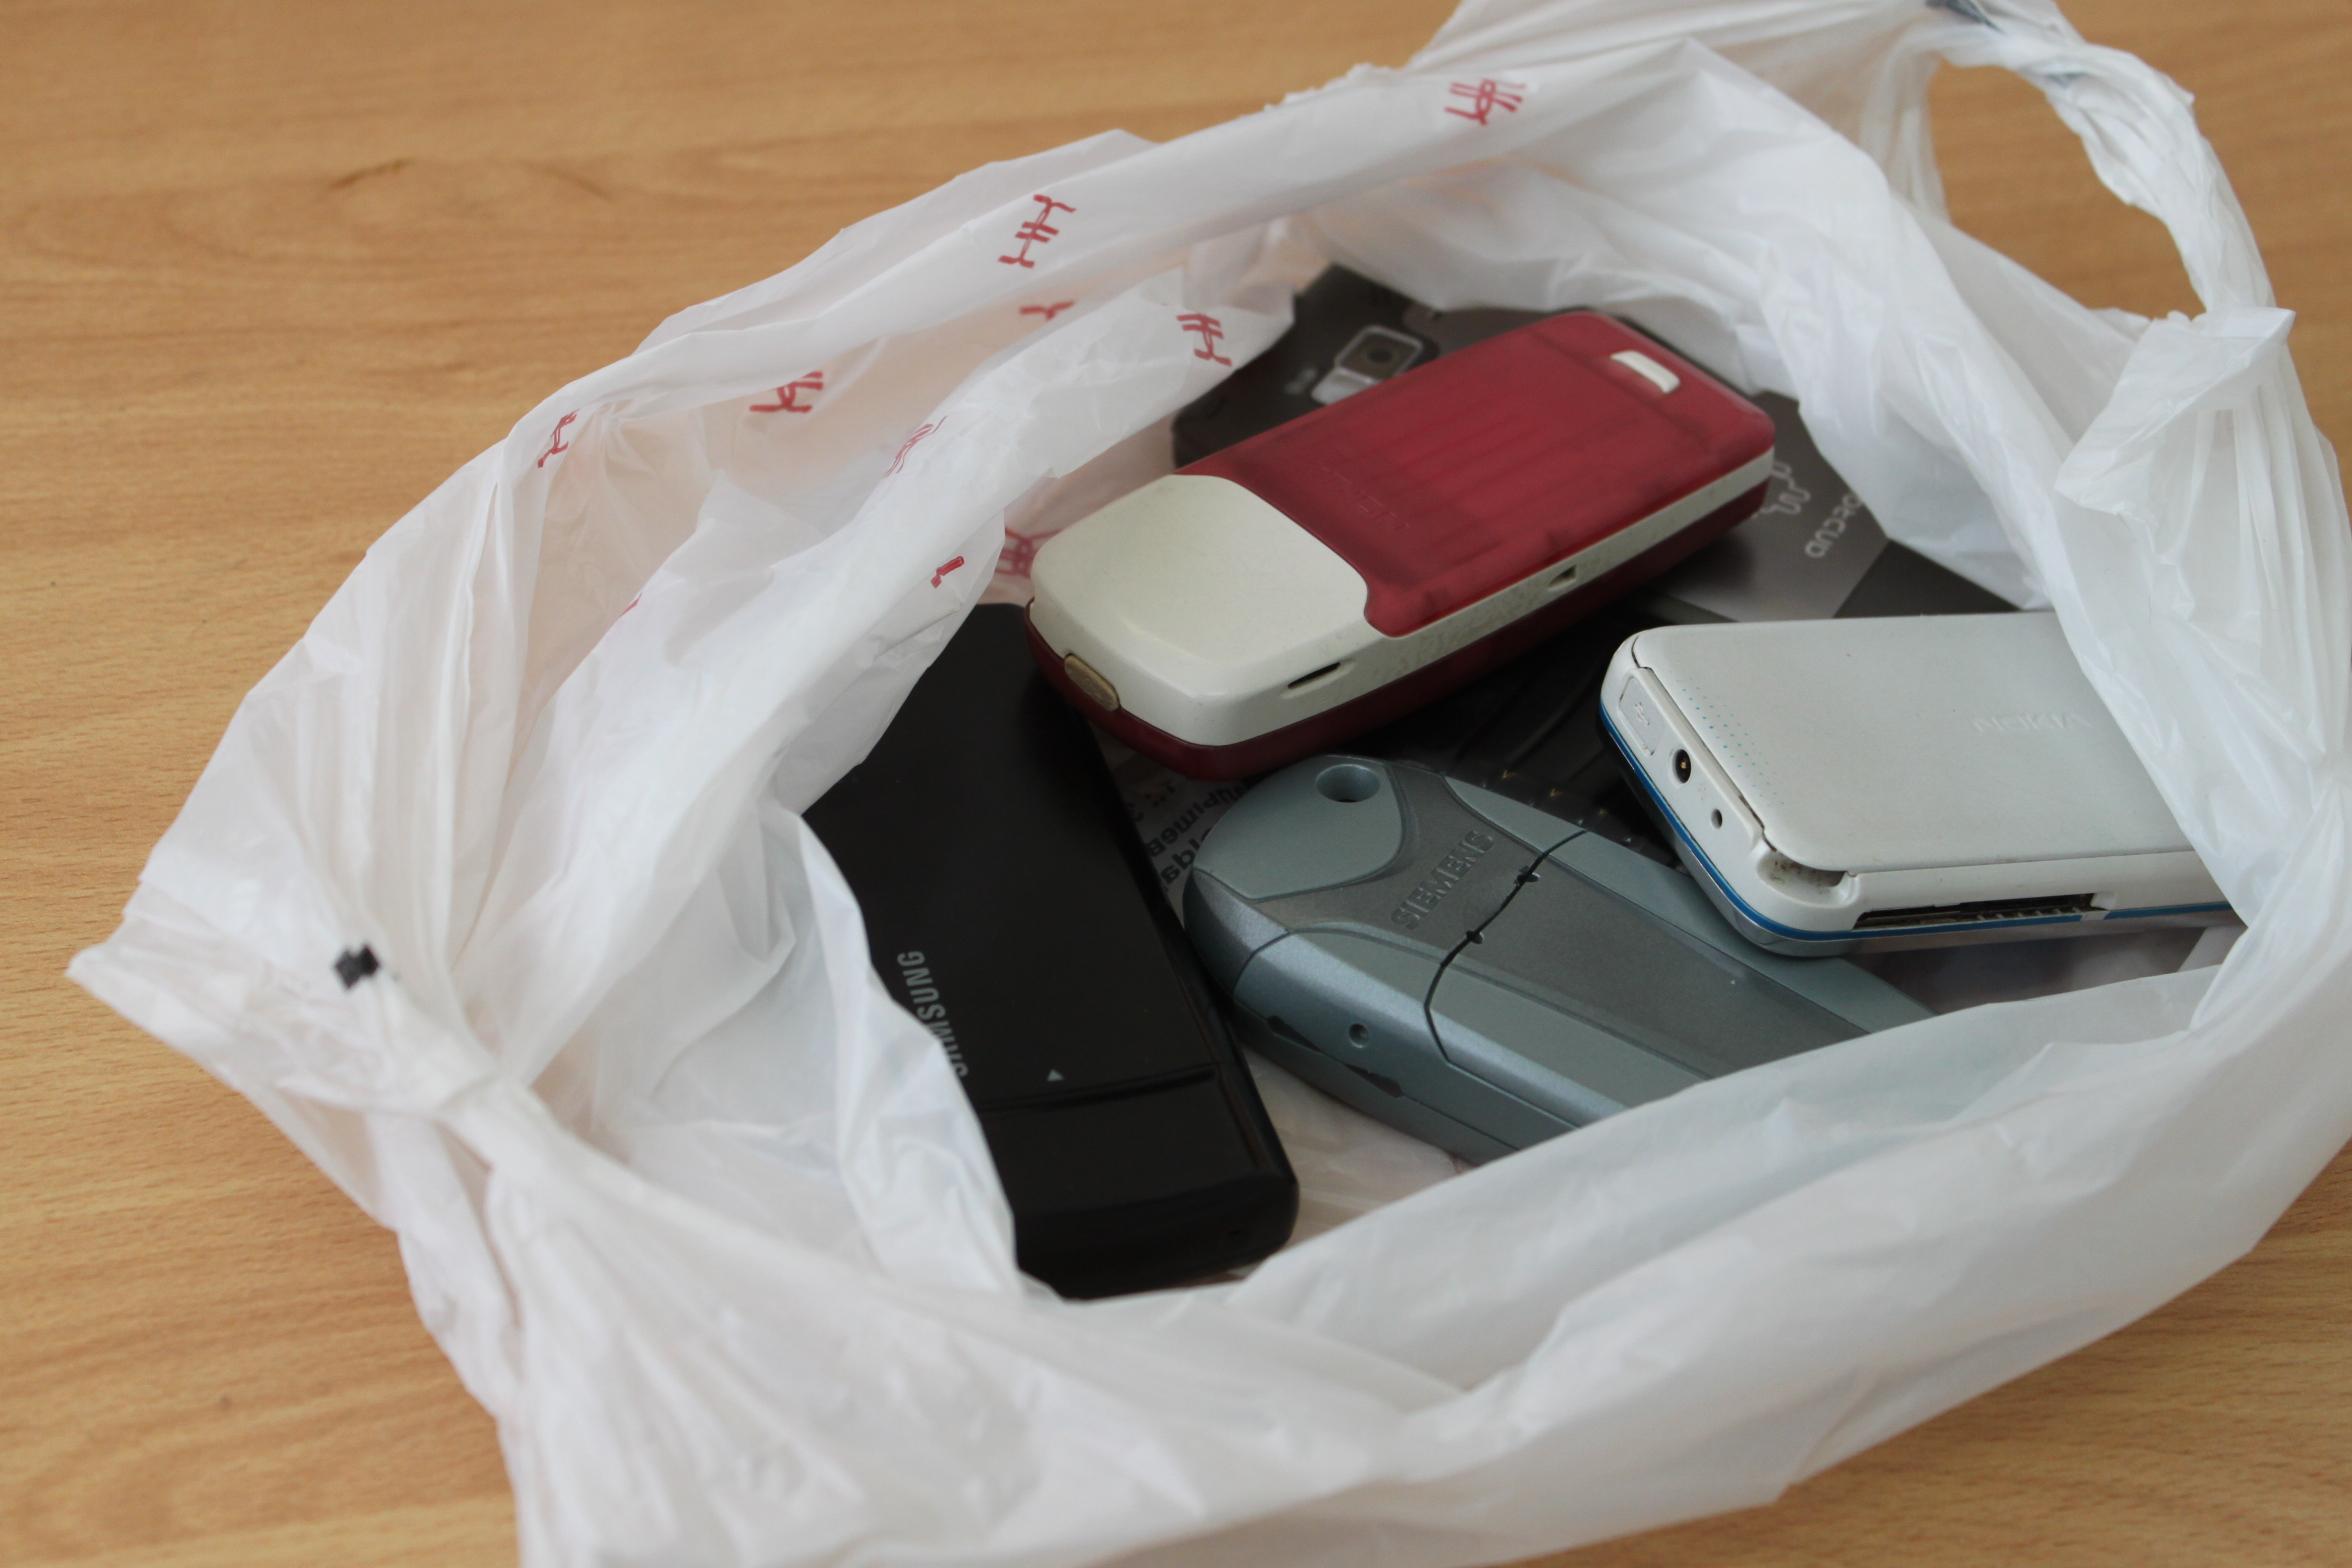 Свердловские зэки не дождались мобильников и тюбиков с SIM-картами